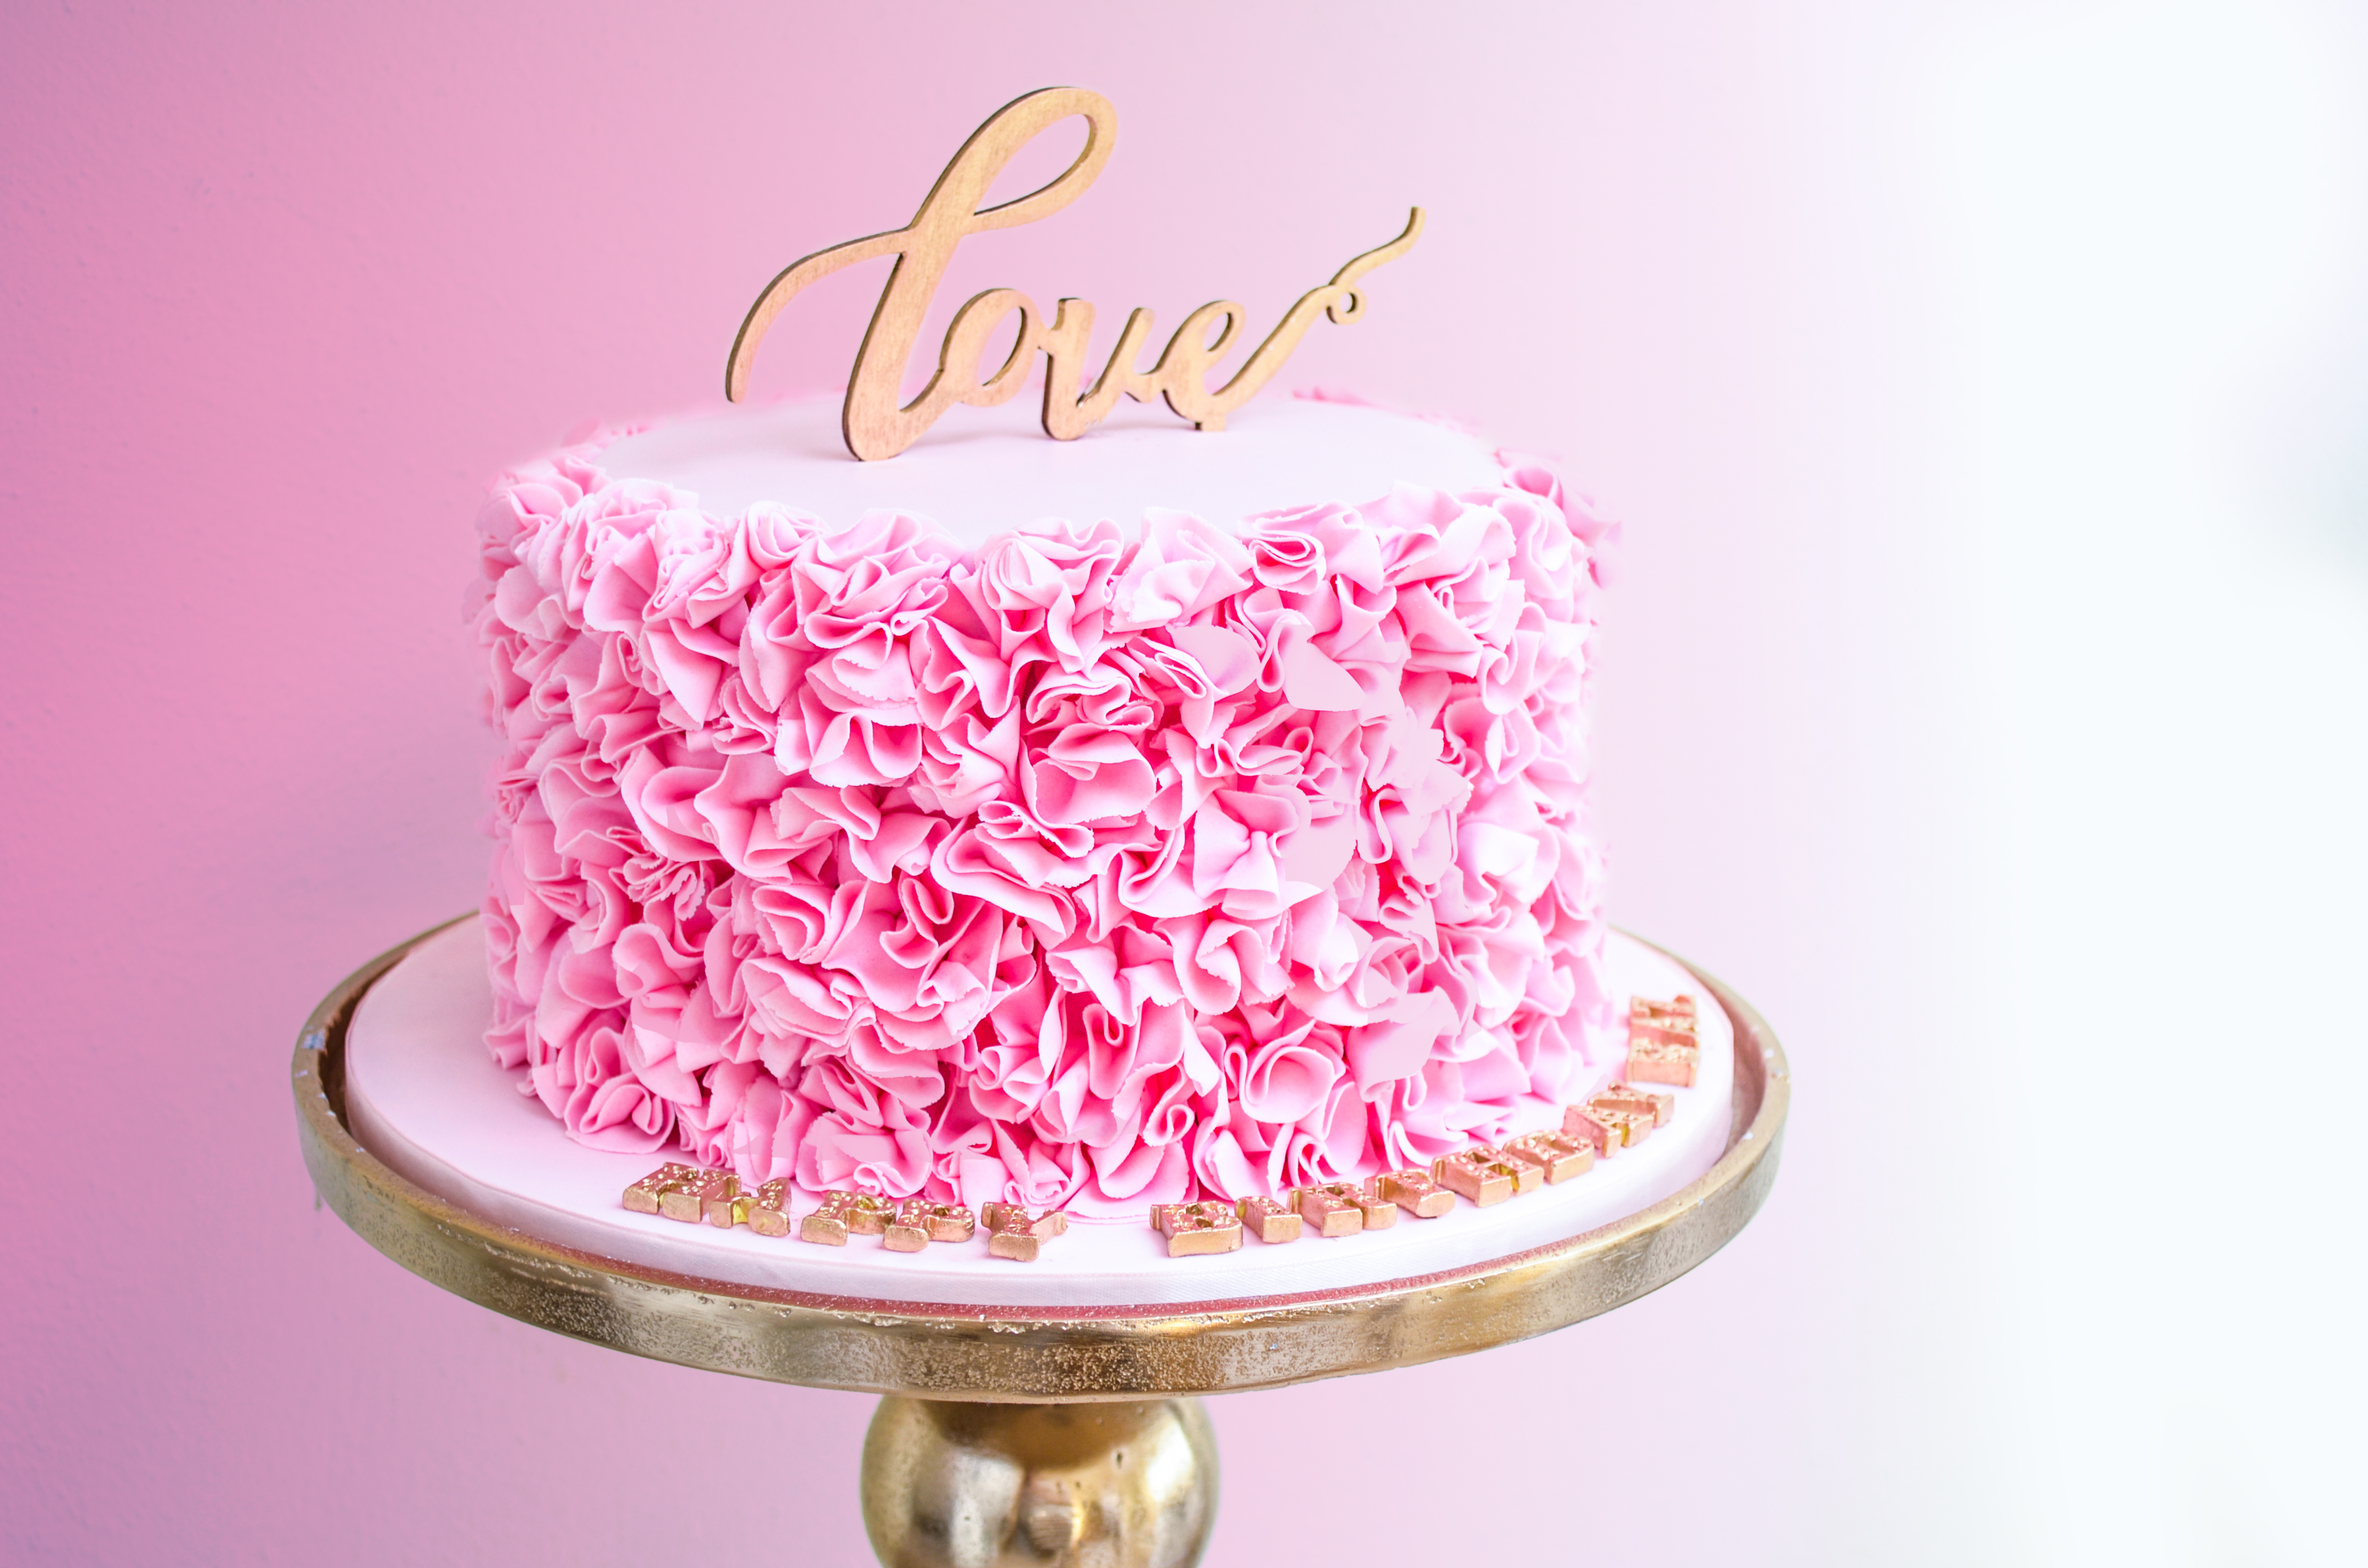 Sugarbar Candybar Hochzeitstorte Dusseldorf Geburtstagstorte Macarons